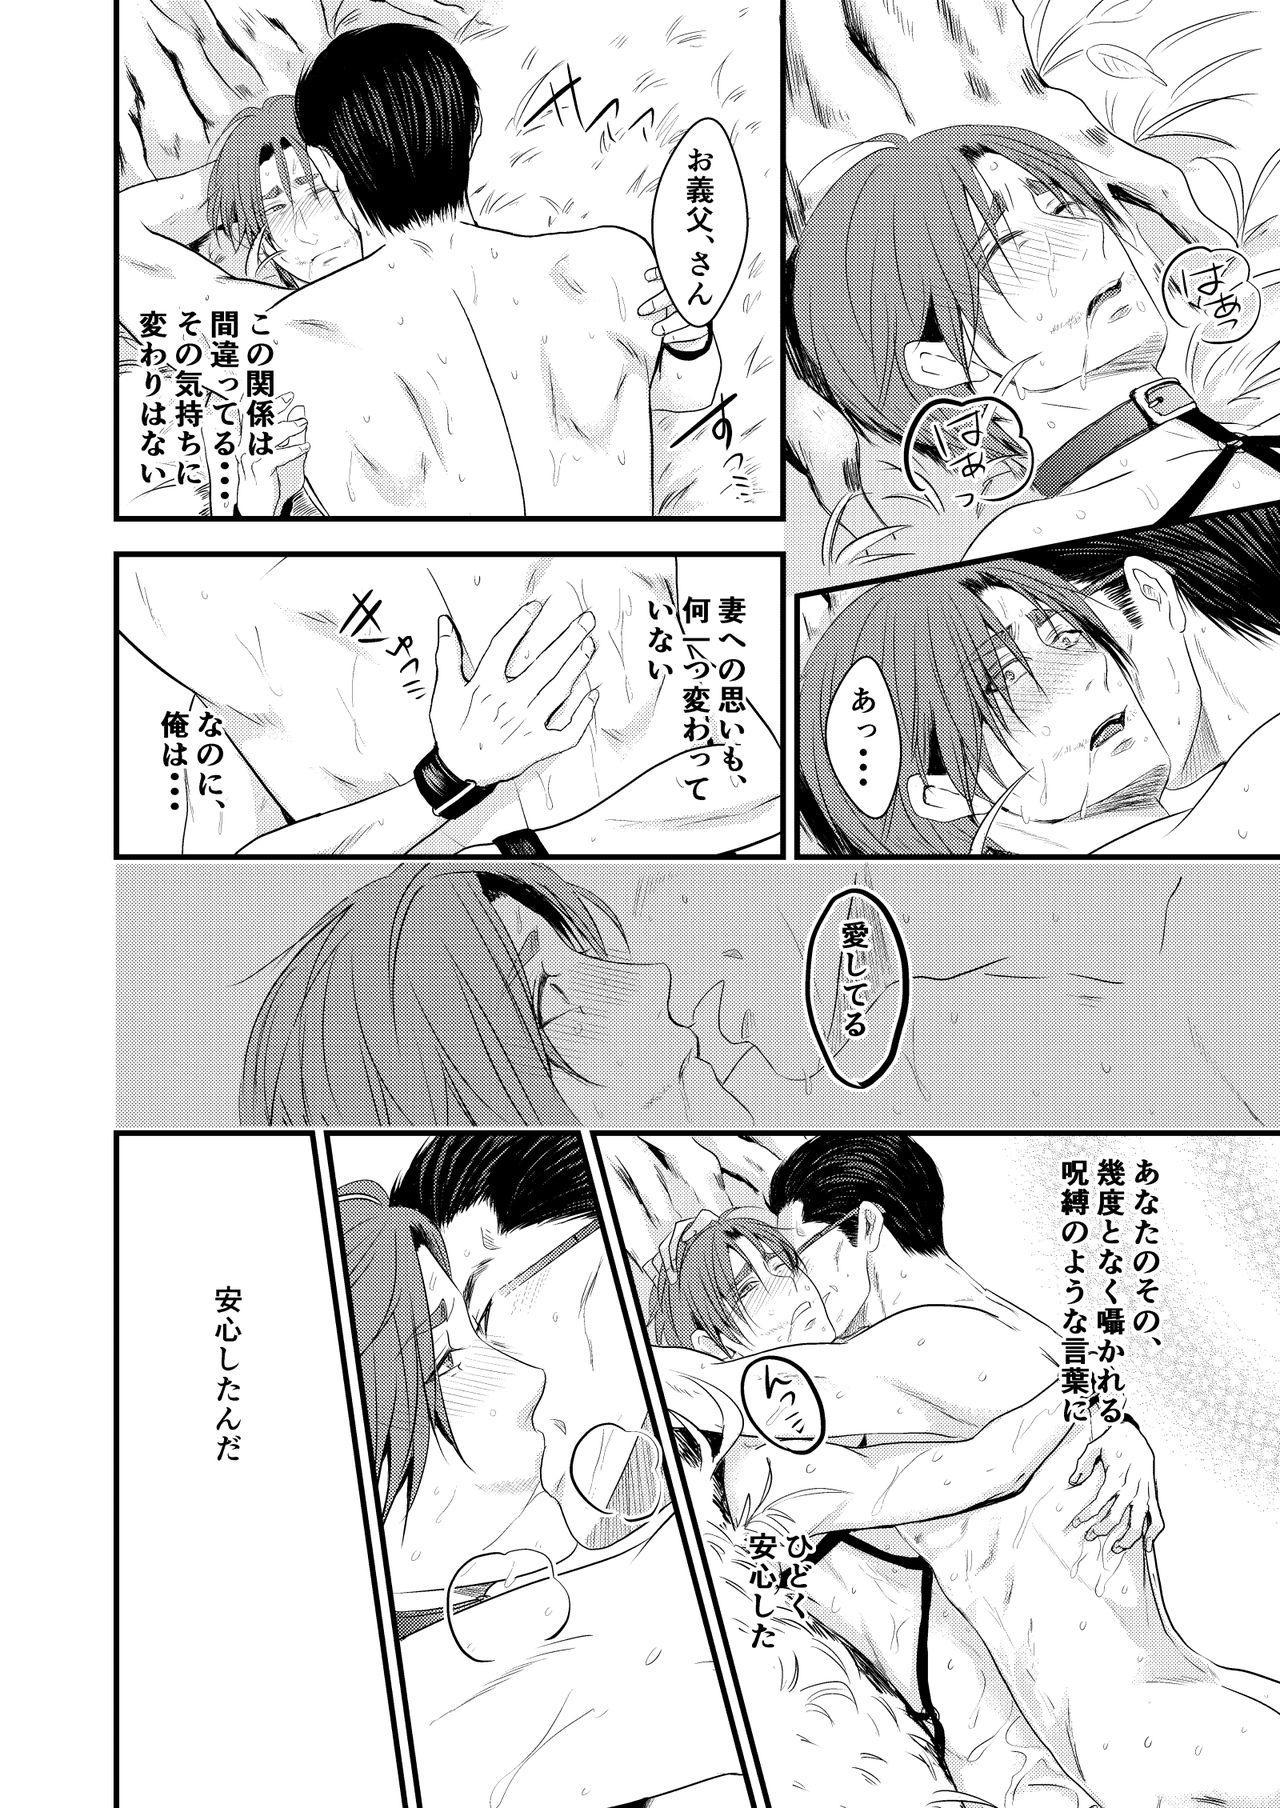 [Nengaranenjuu] Kono Ai wa Yamai ni Nite iru (Bangaihen) Shitsuke no Kura [Digital] 21